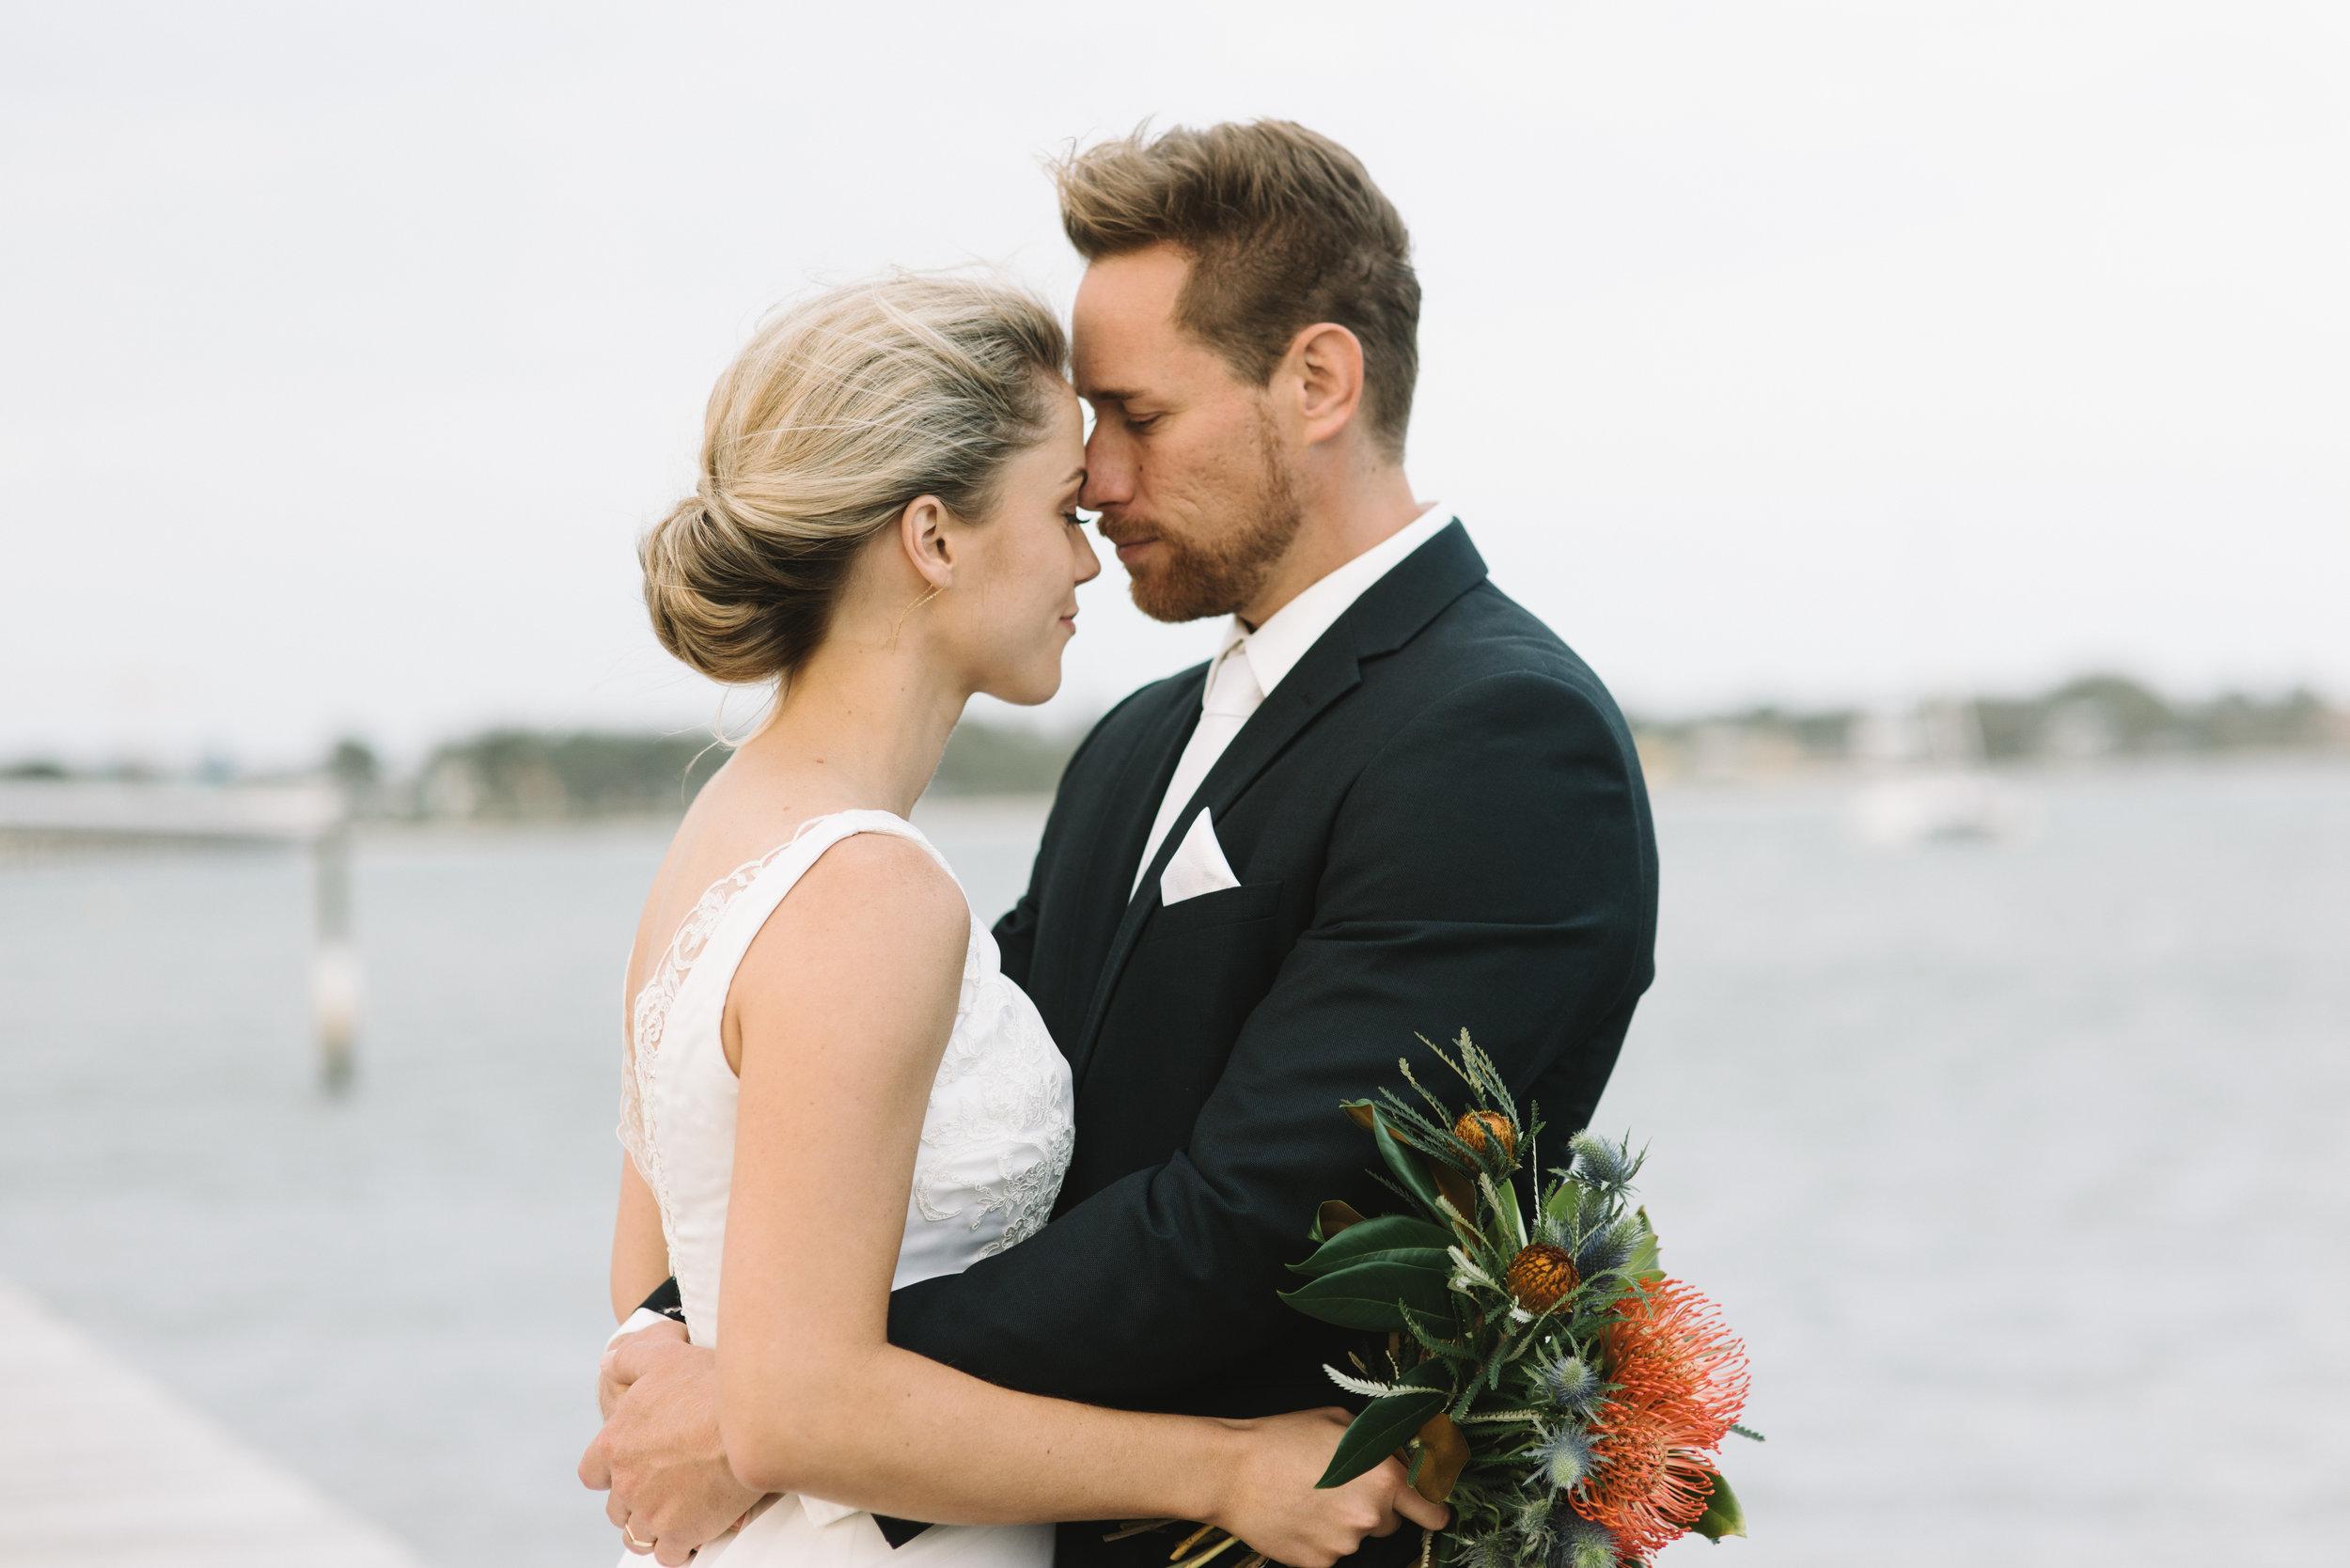 wedding-photography-brisbane-sandstone-point-hotel-bribie-island-luxewedding-39.jpg